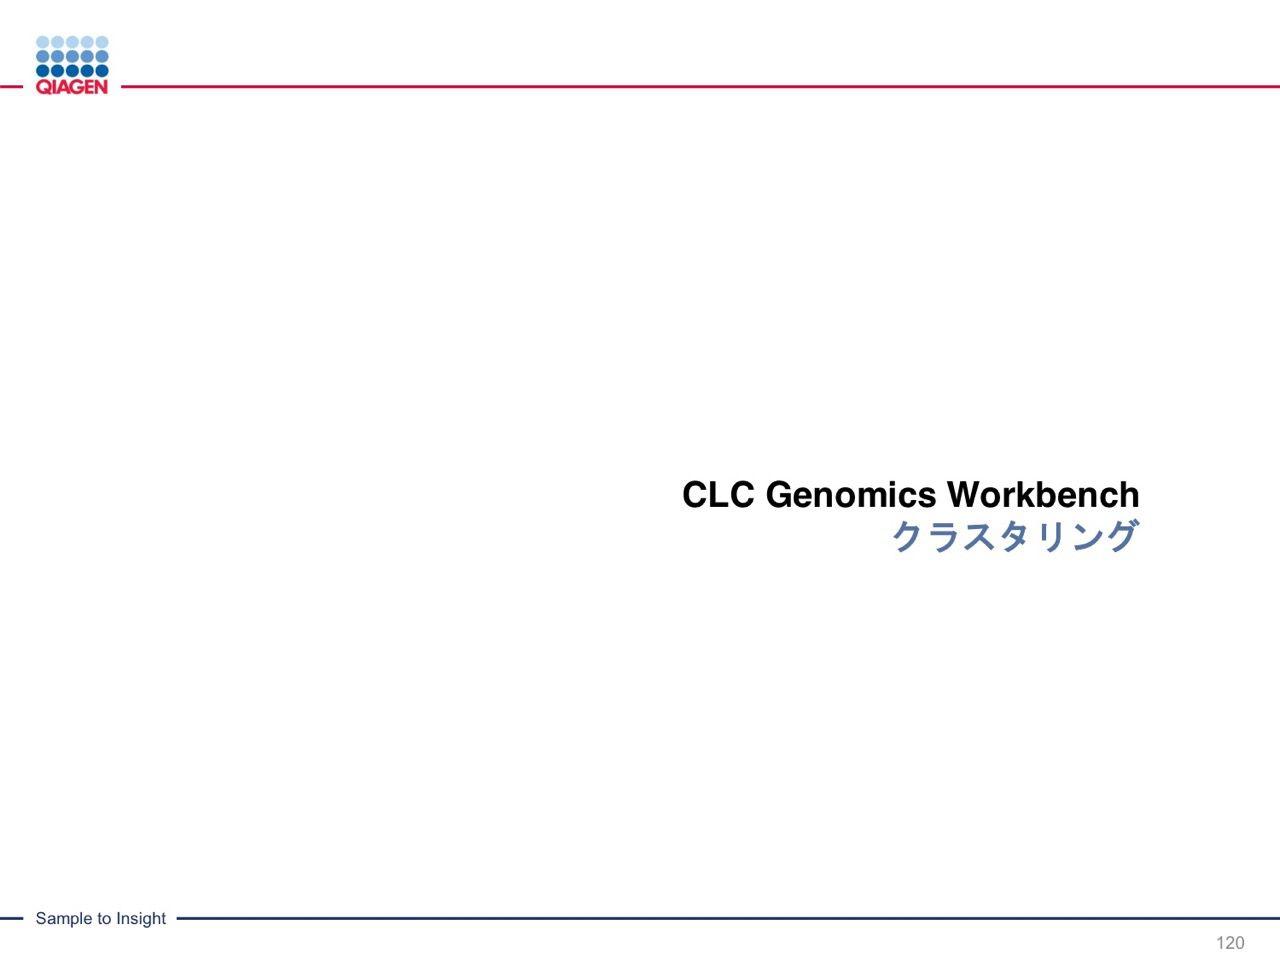 images/AJACSa2_miyamoto_120.jpg